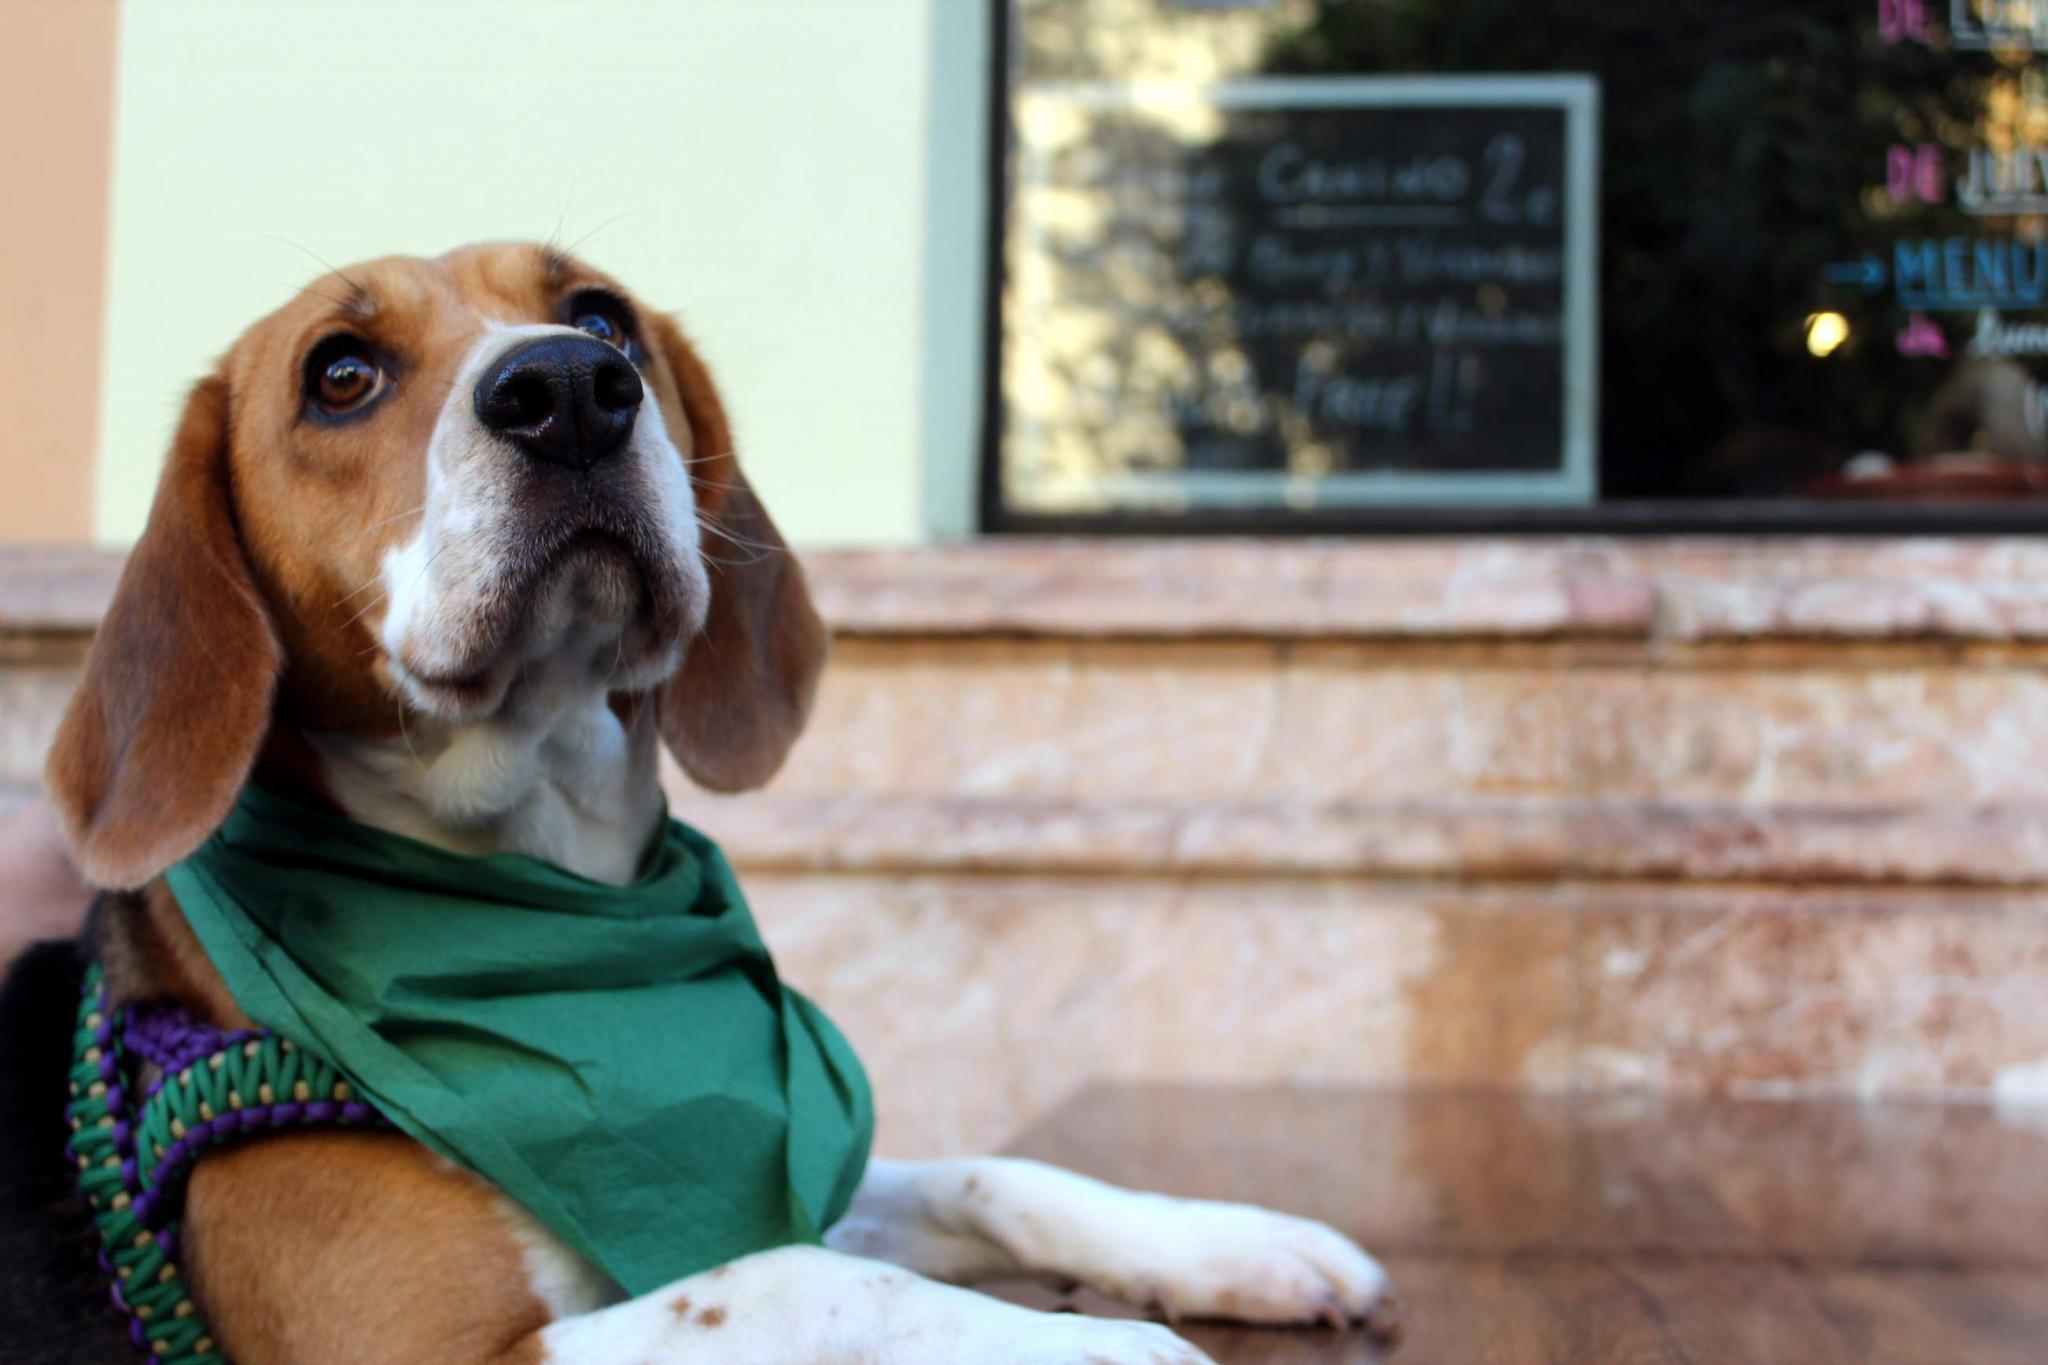 Mieterkundigung Wegen Hundehaltung Rechtens